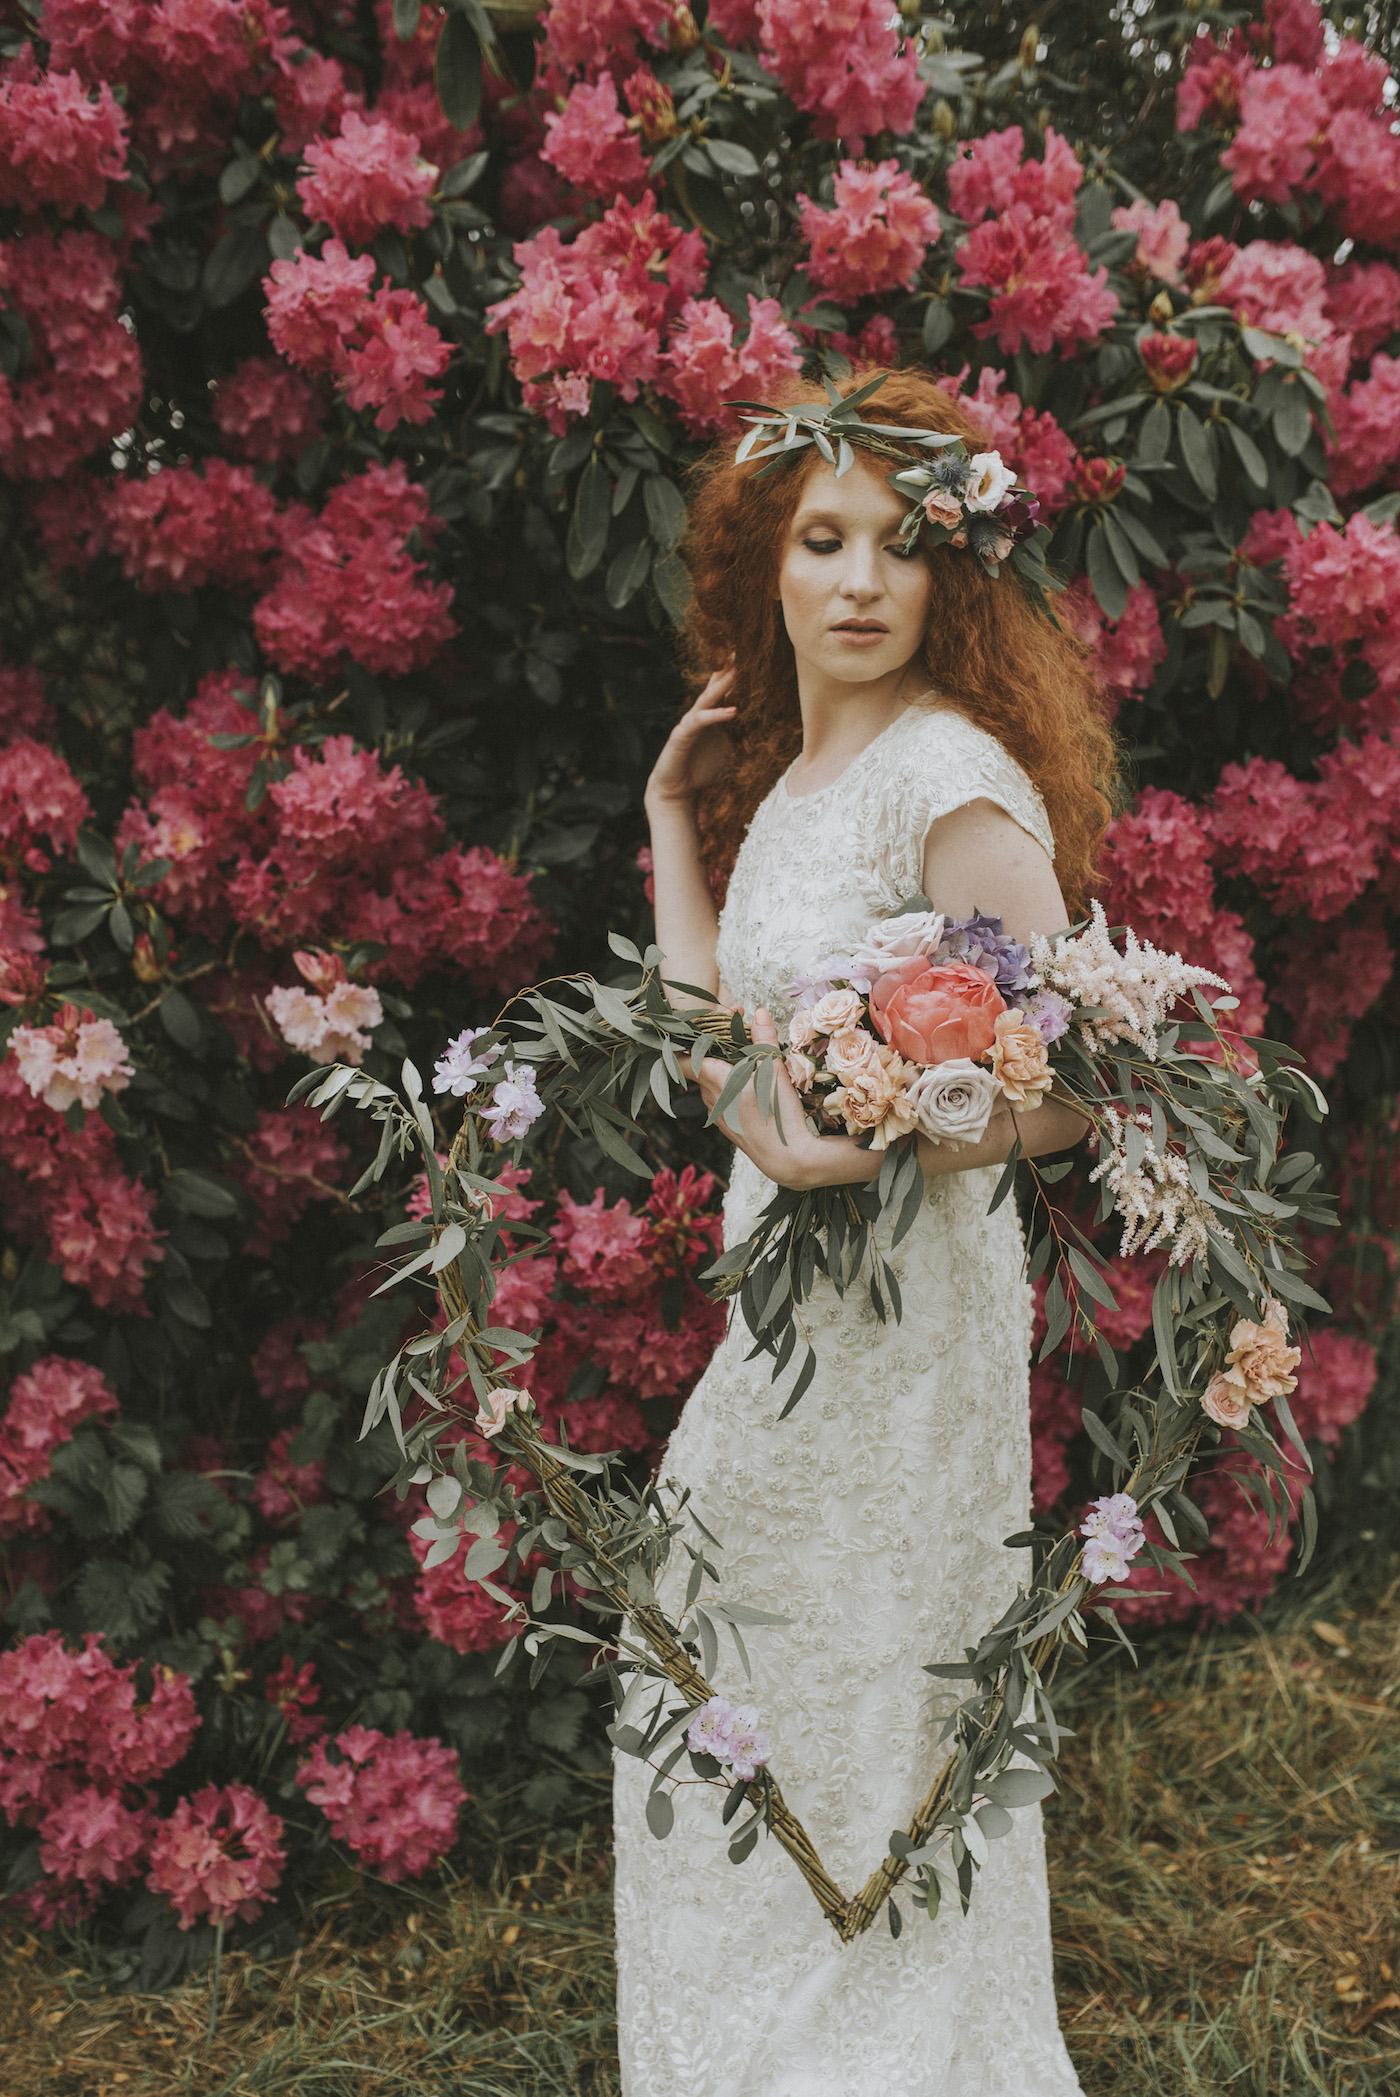 Shooting d'inspiration EVJF • A bohemian picnic over the rainbow   Crédit Marie Marry Me   Blog mariage La Mariée Sous Les Etoiles